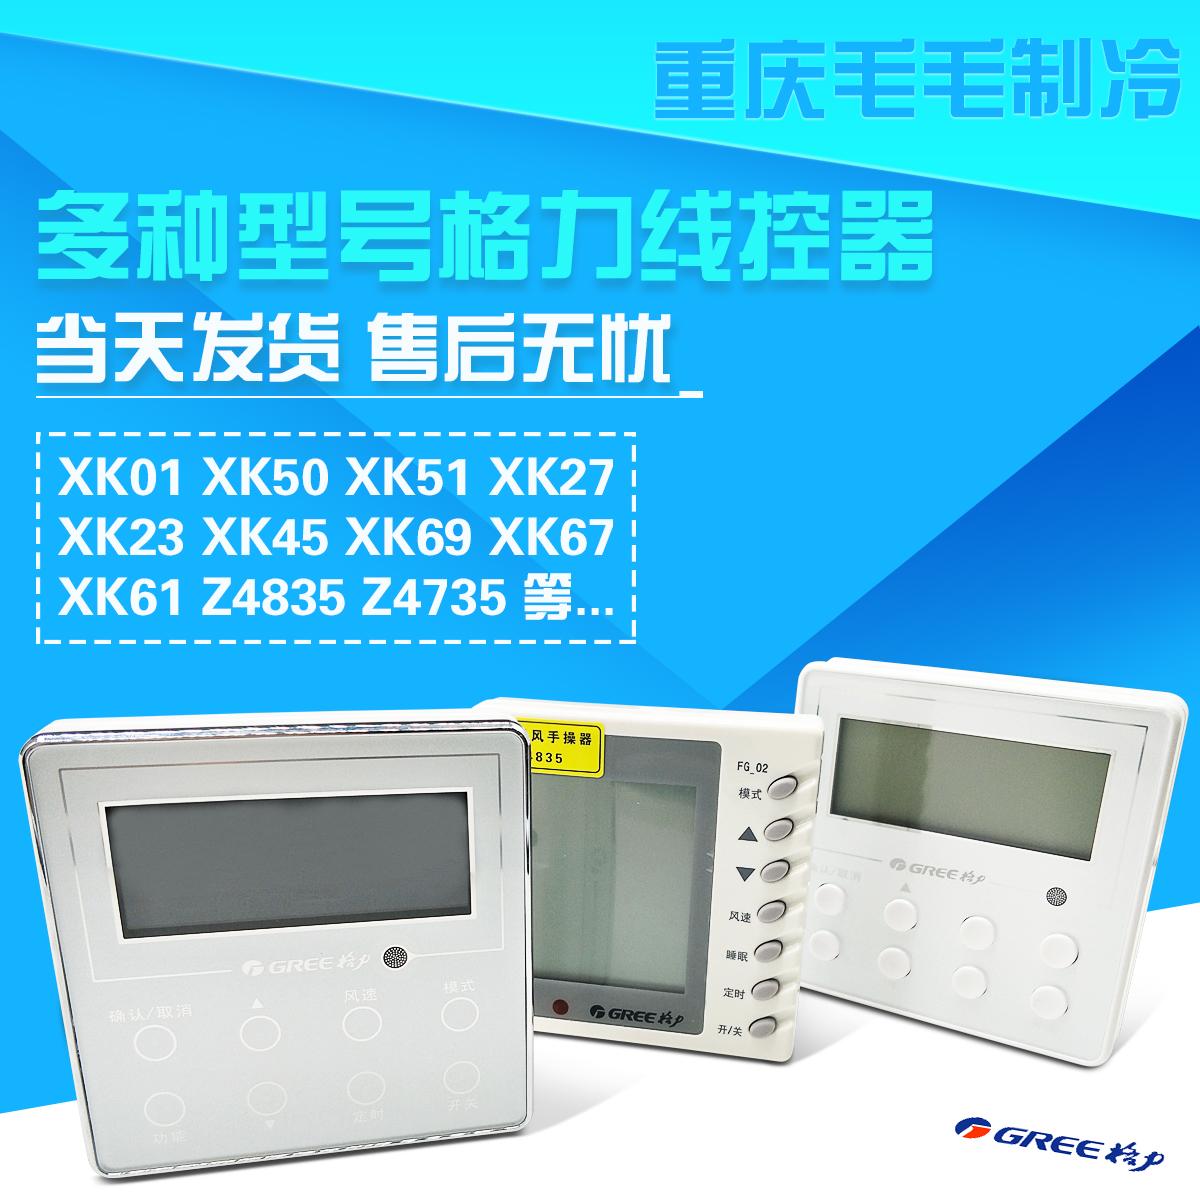 GREE klimaanlage - Maschine - betreiber XK0159616769Z4835Z4735 STEER - by - wire - controller